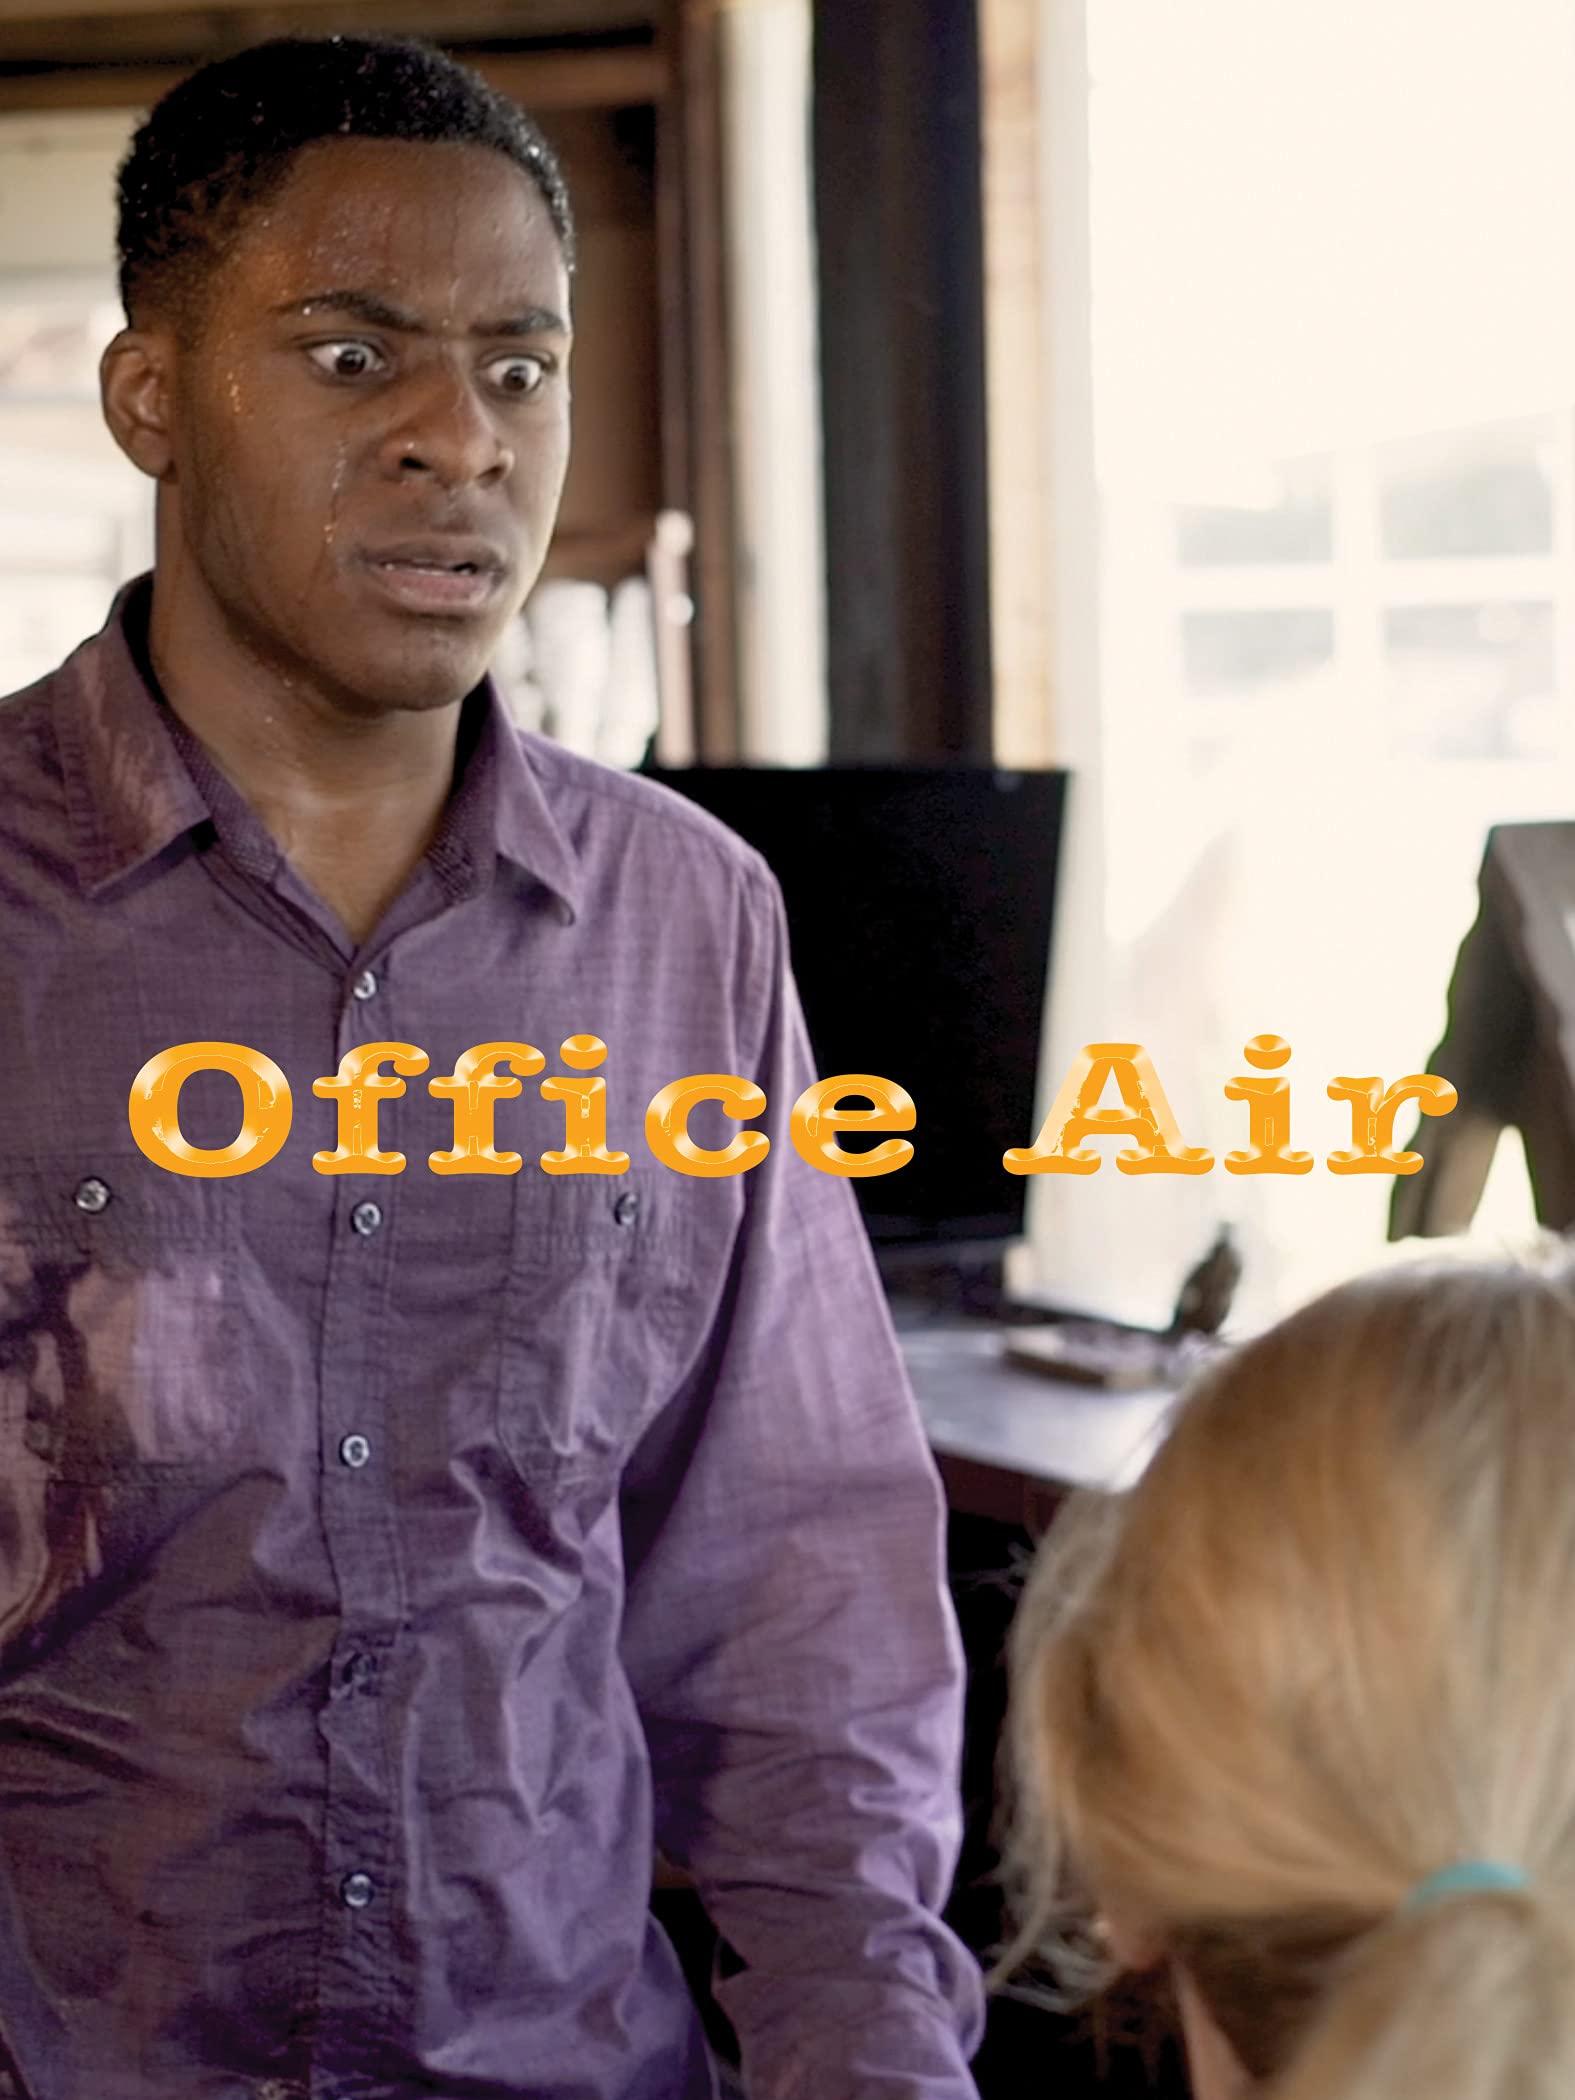 Office Air